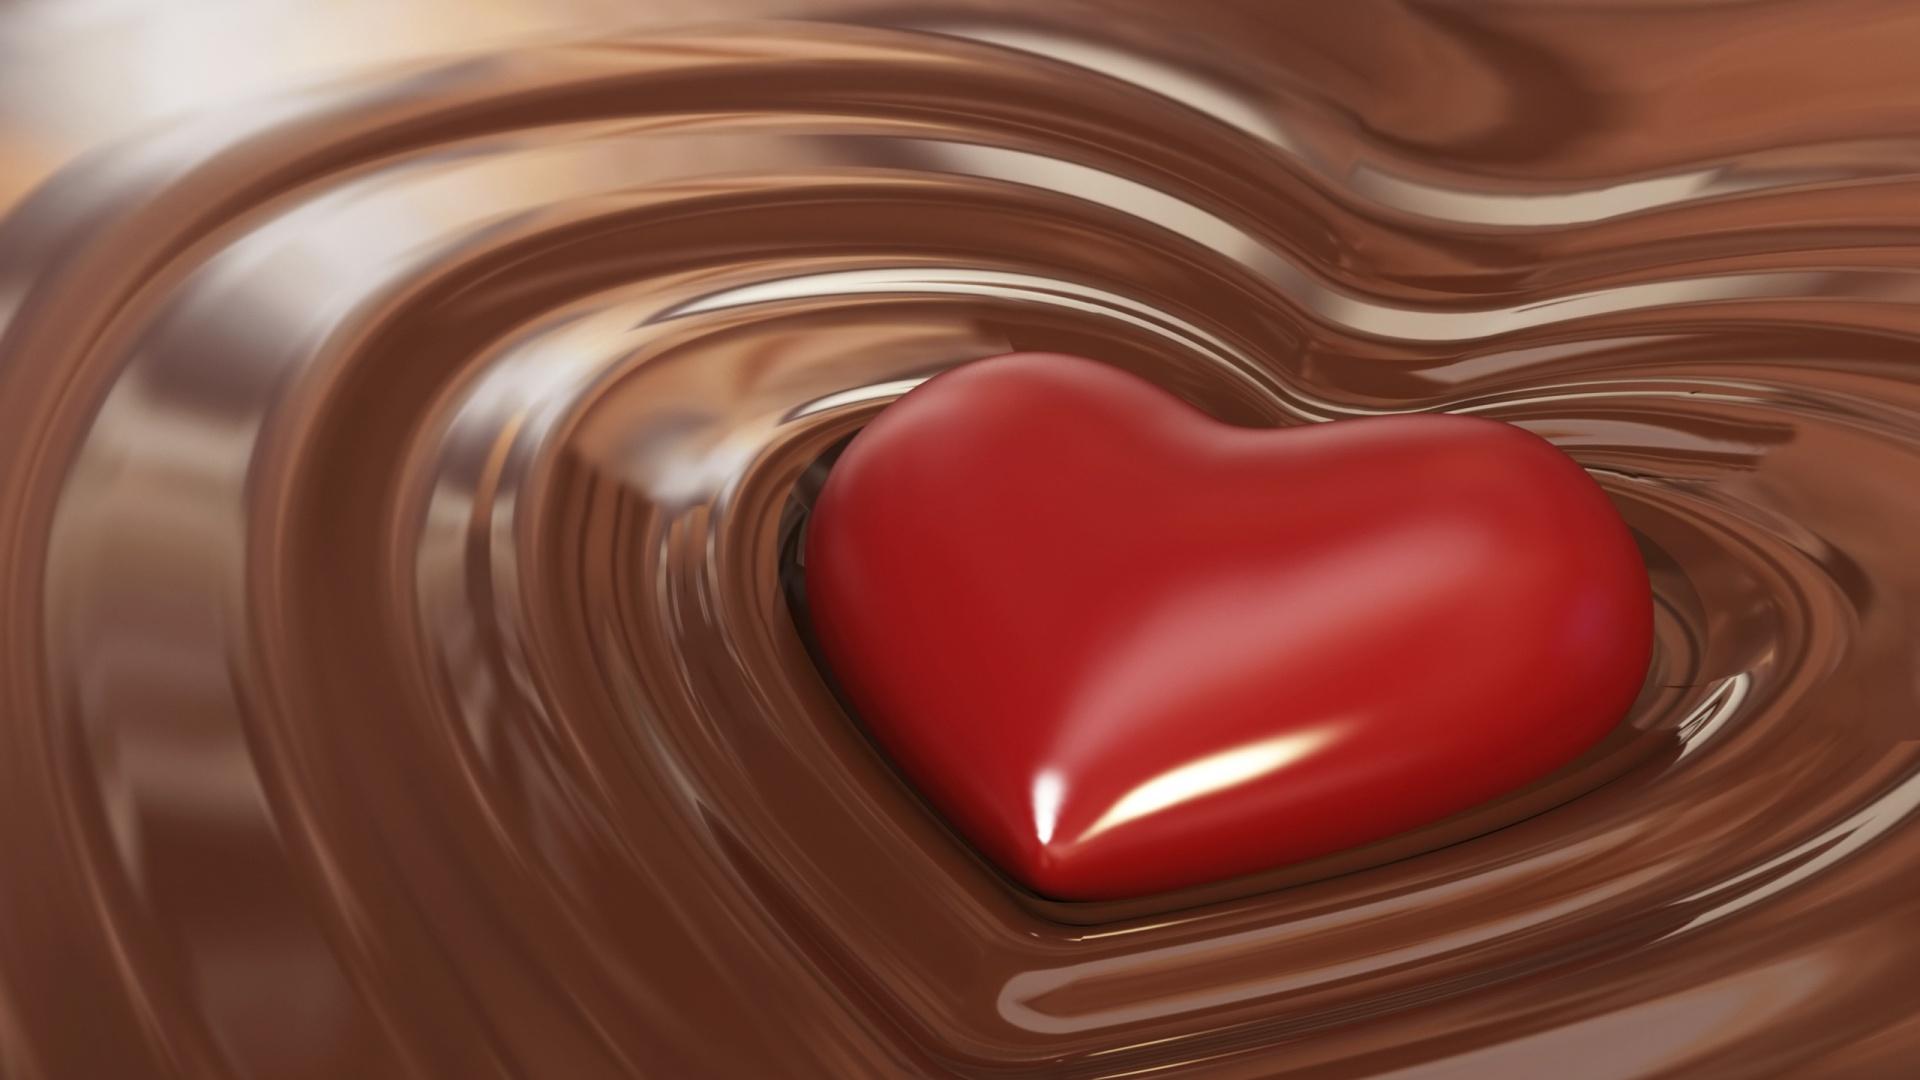 Chocolate Heart HD Wallpaper of Love   hdwallpaper2013com 1920x1080